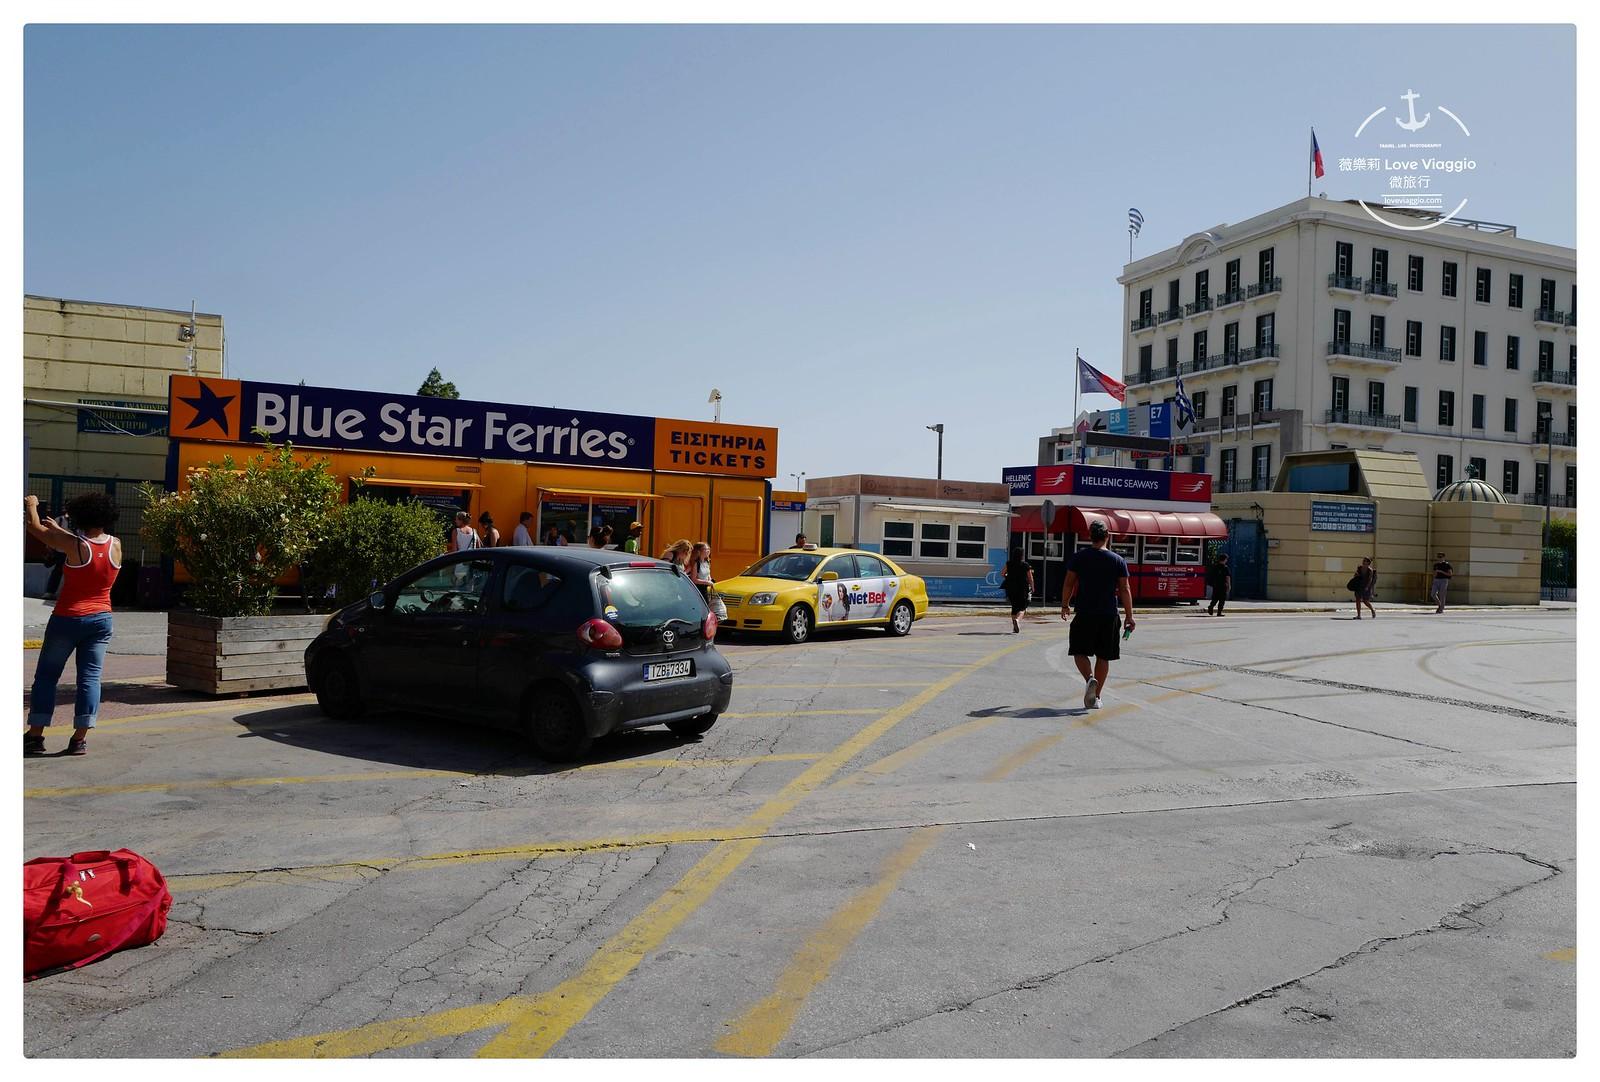 【希臘 Greece】雅典派瑞斯港搭乘Blue Star夜船前往克里特島哈尼亞 臥舖房分享 @薇樂莉 Love Viaggio | 旅行.生活.攝影